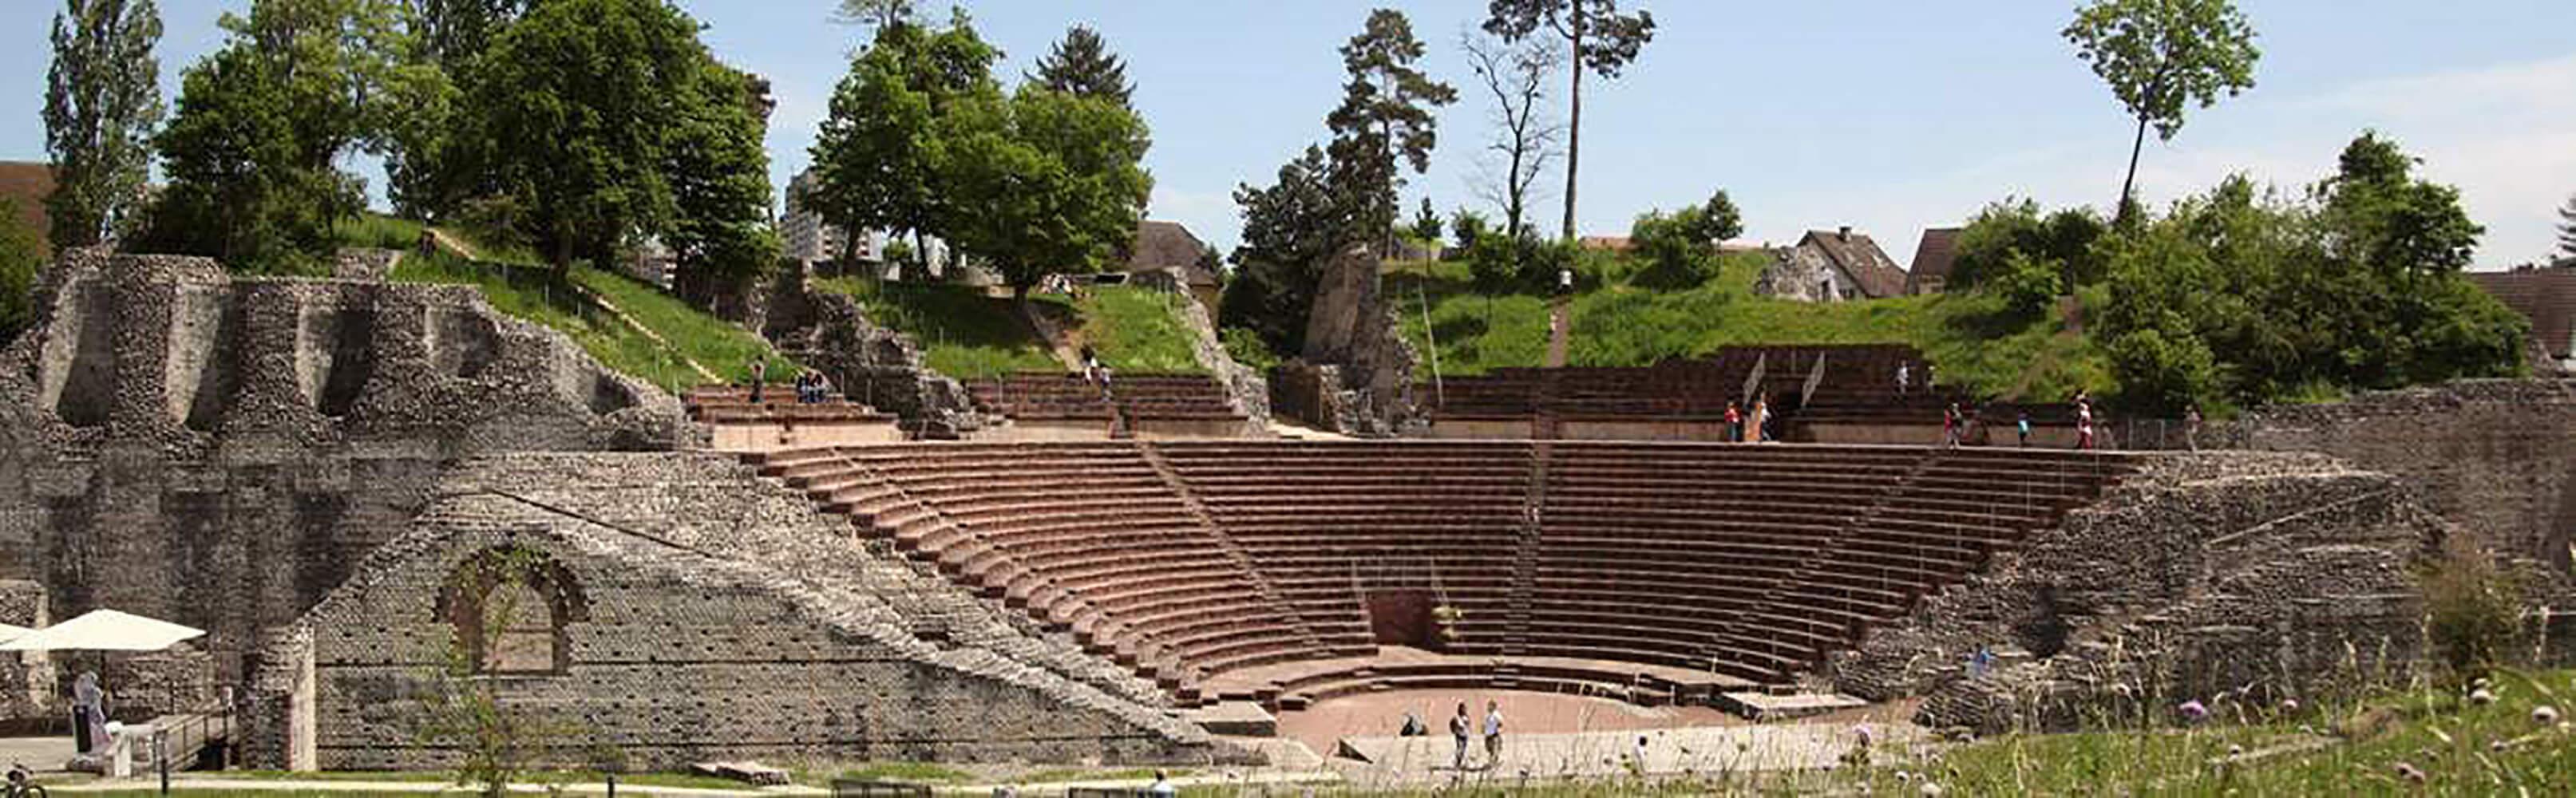 Augusta Raurica - die römische Stadt 1